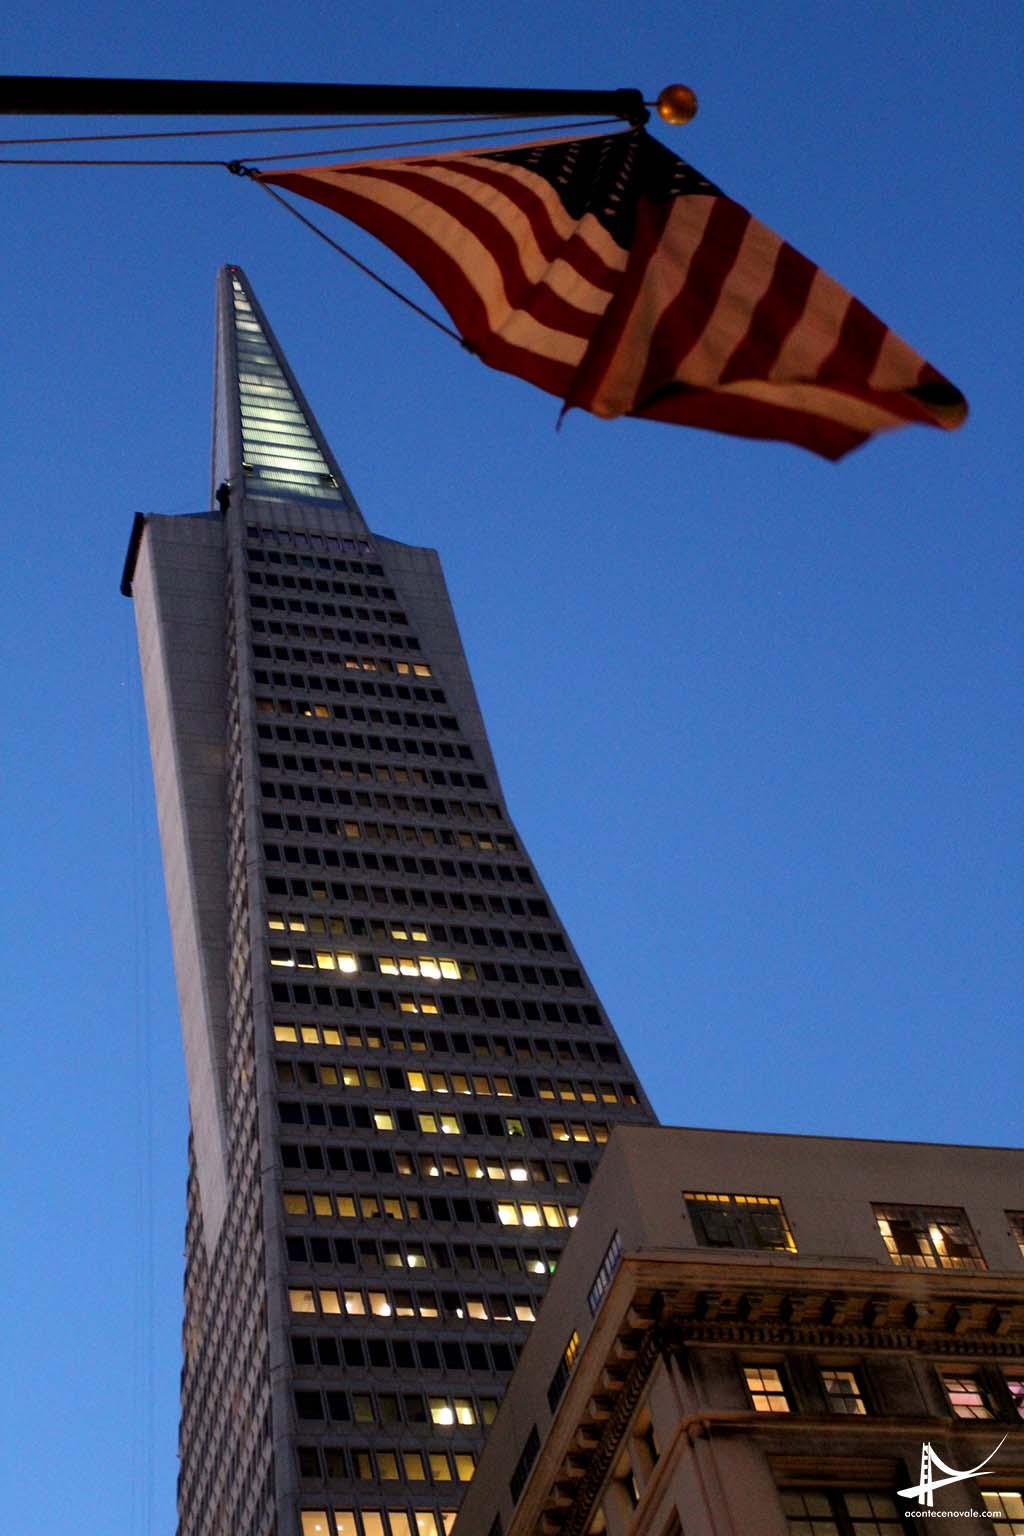 Transamerica Pyramid - o prédio mais alto de San Francisco